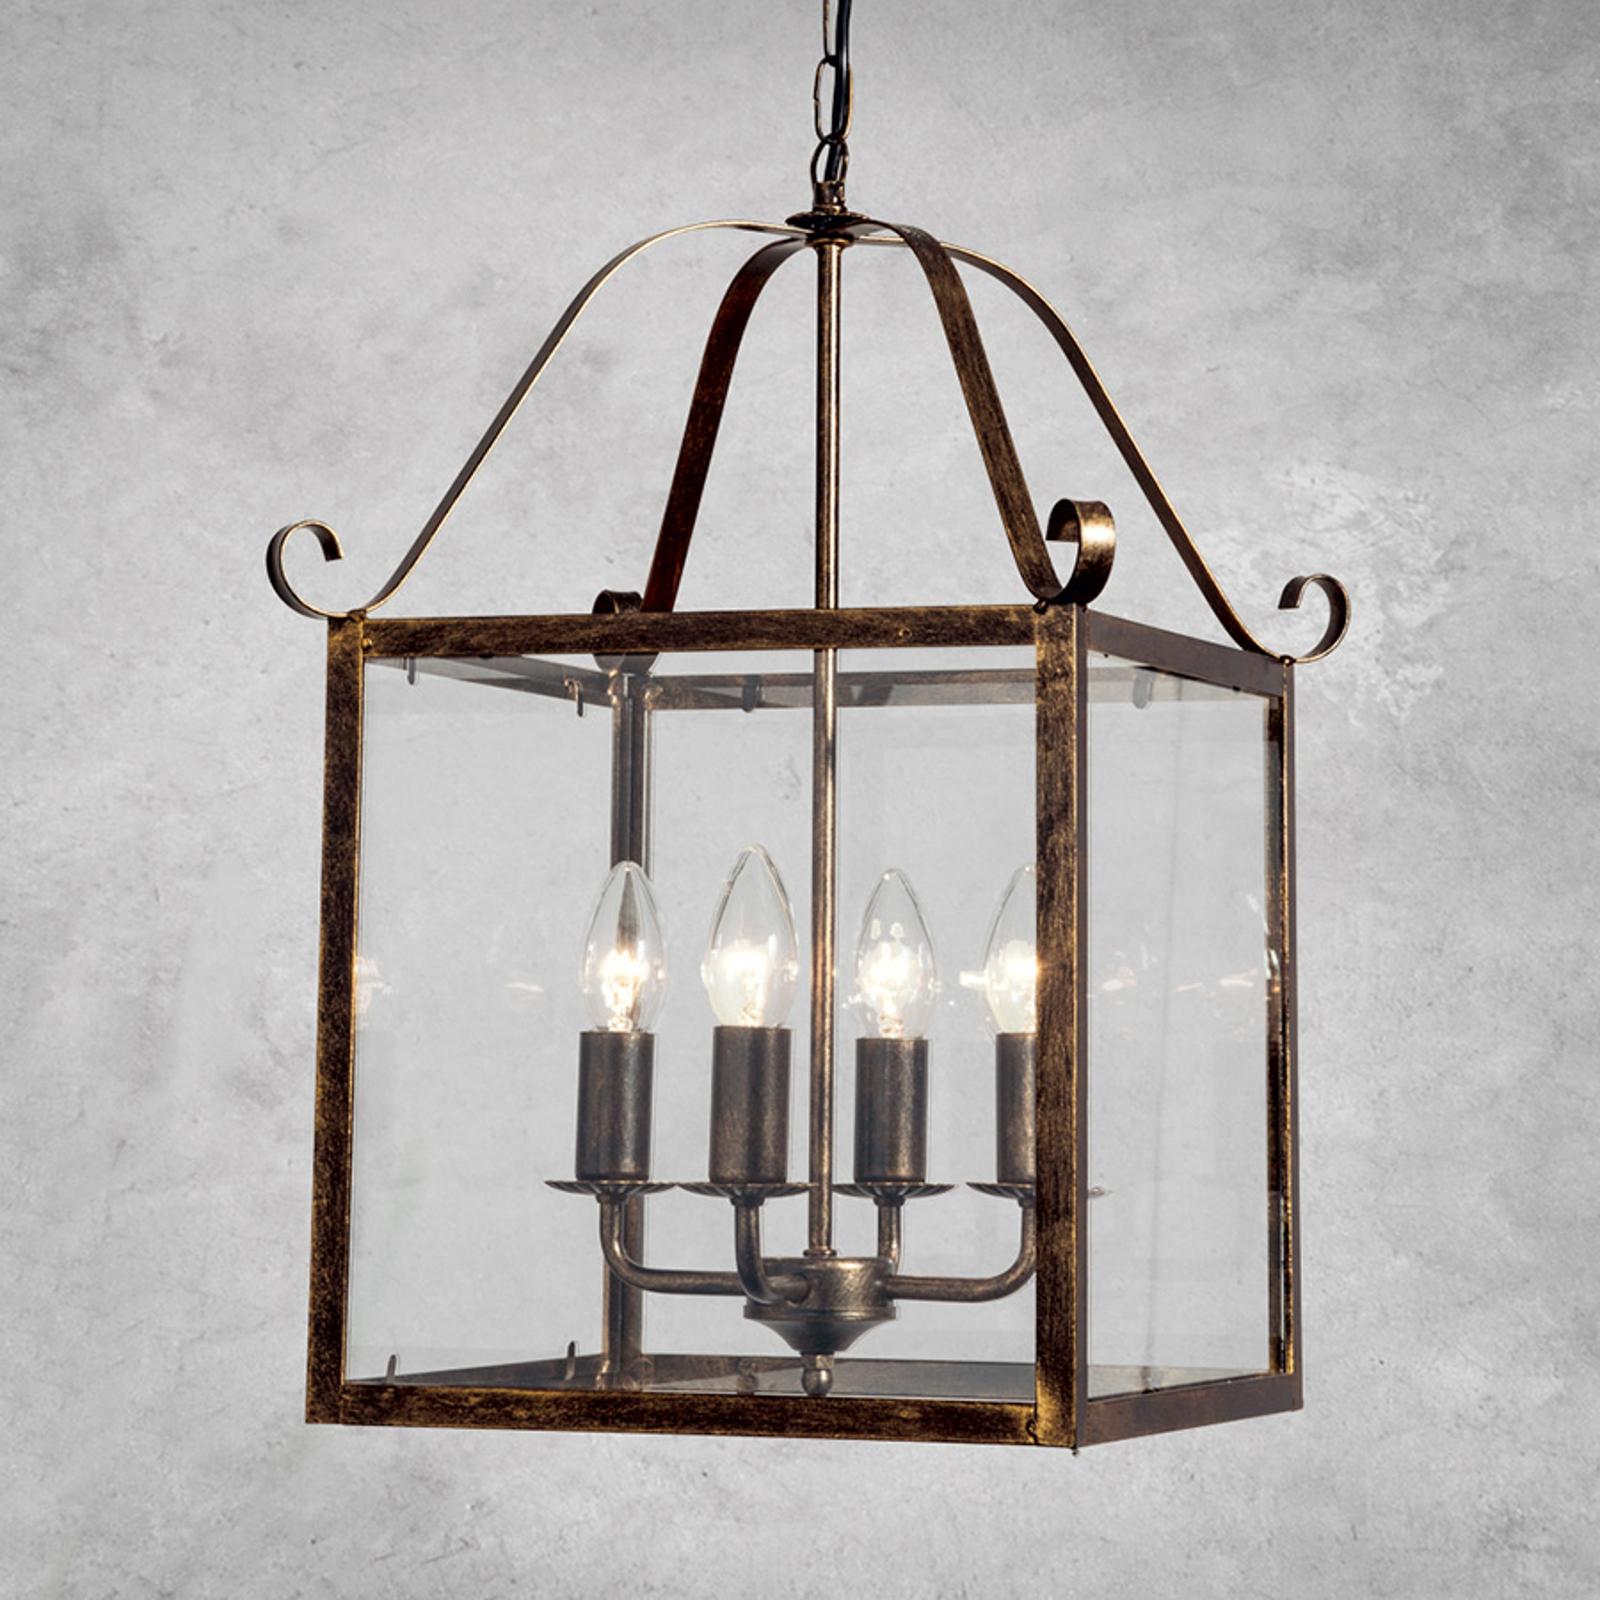 Magnifique suspension FALOTTA carrée, à 4 lampes